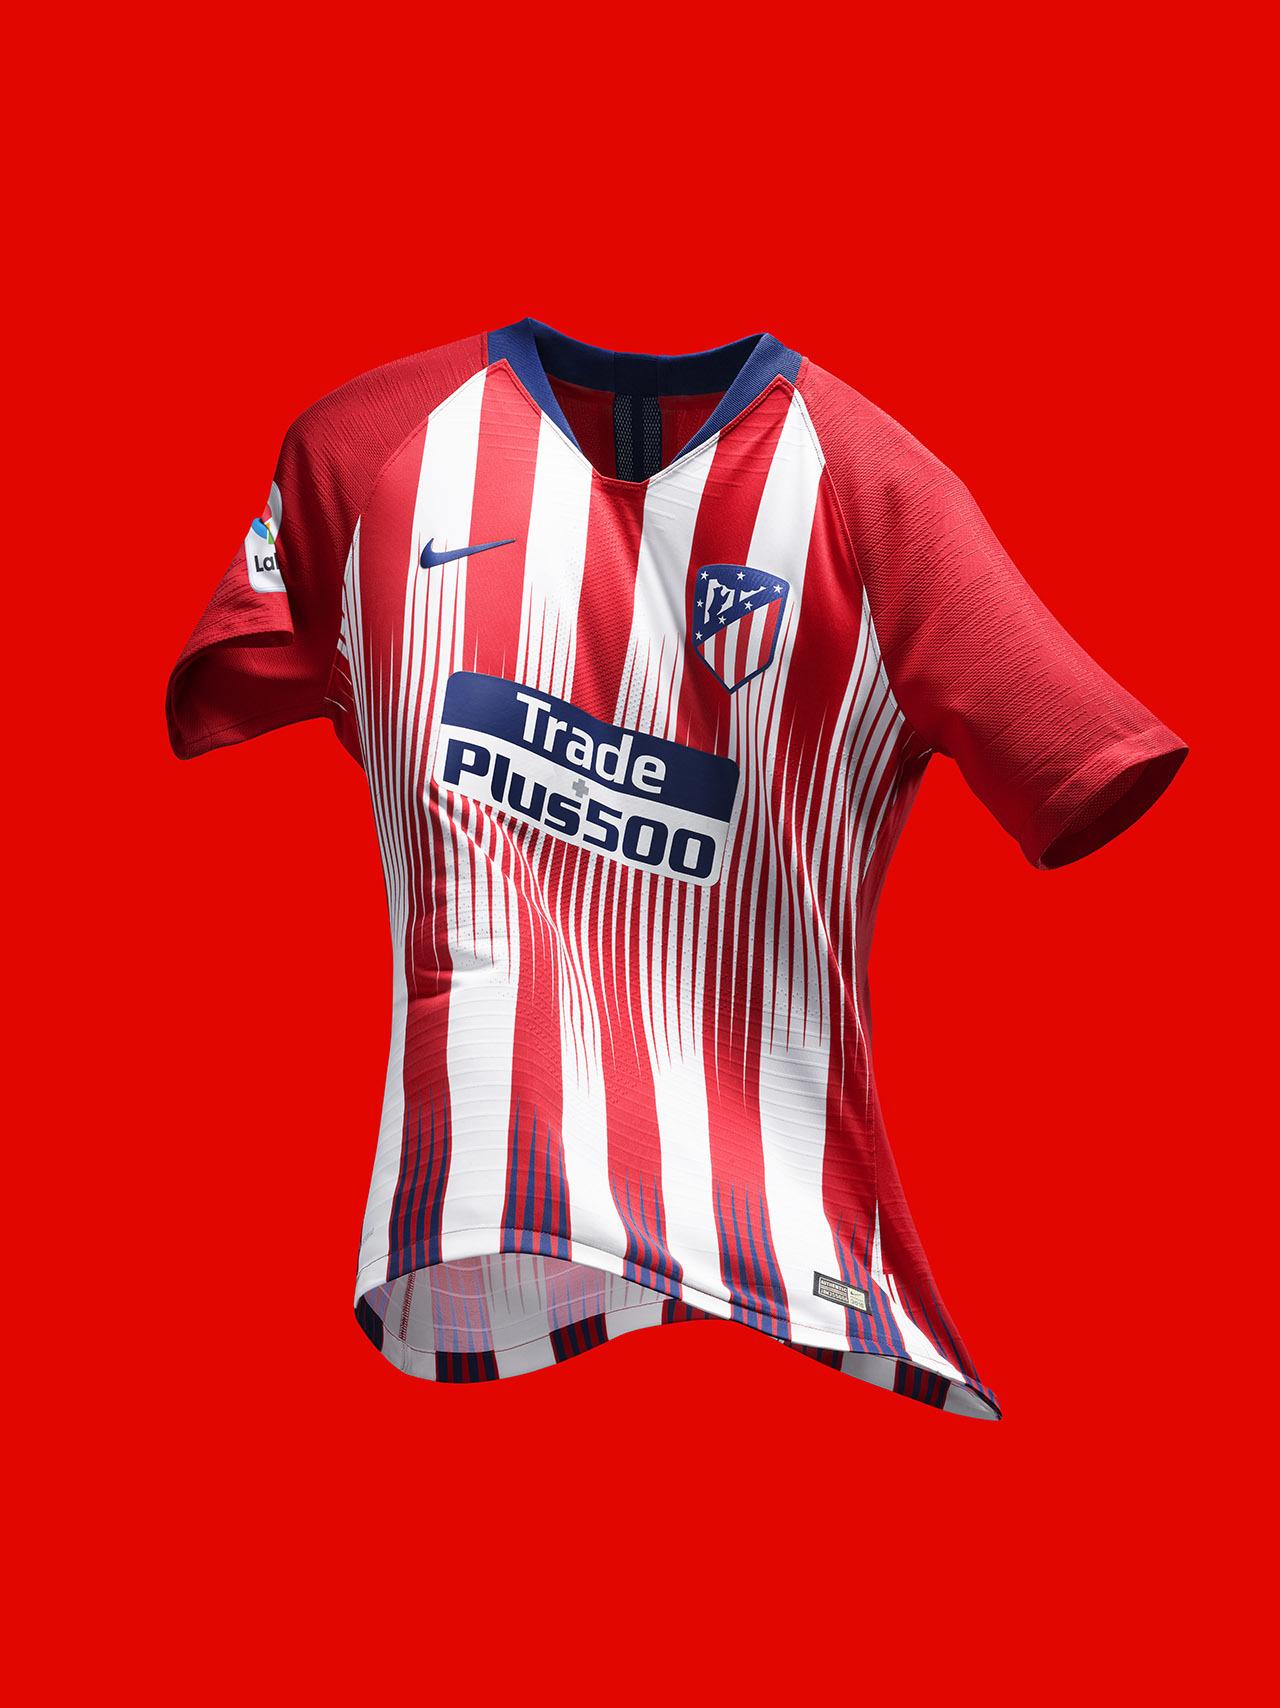 Atlético de Madri apresenta novo uniforme ousado para a próxima ... 56fba0a1a30e5